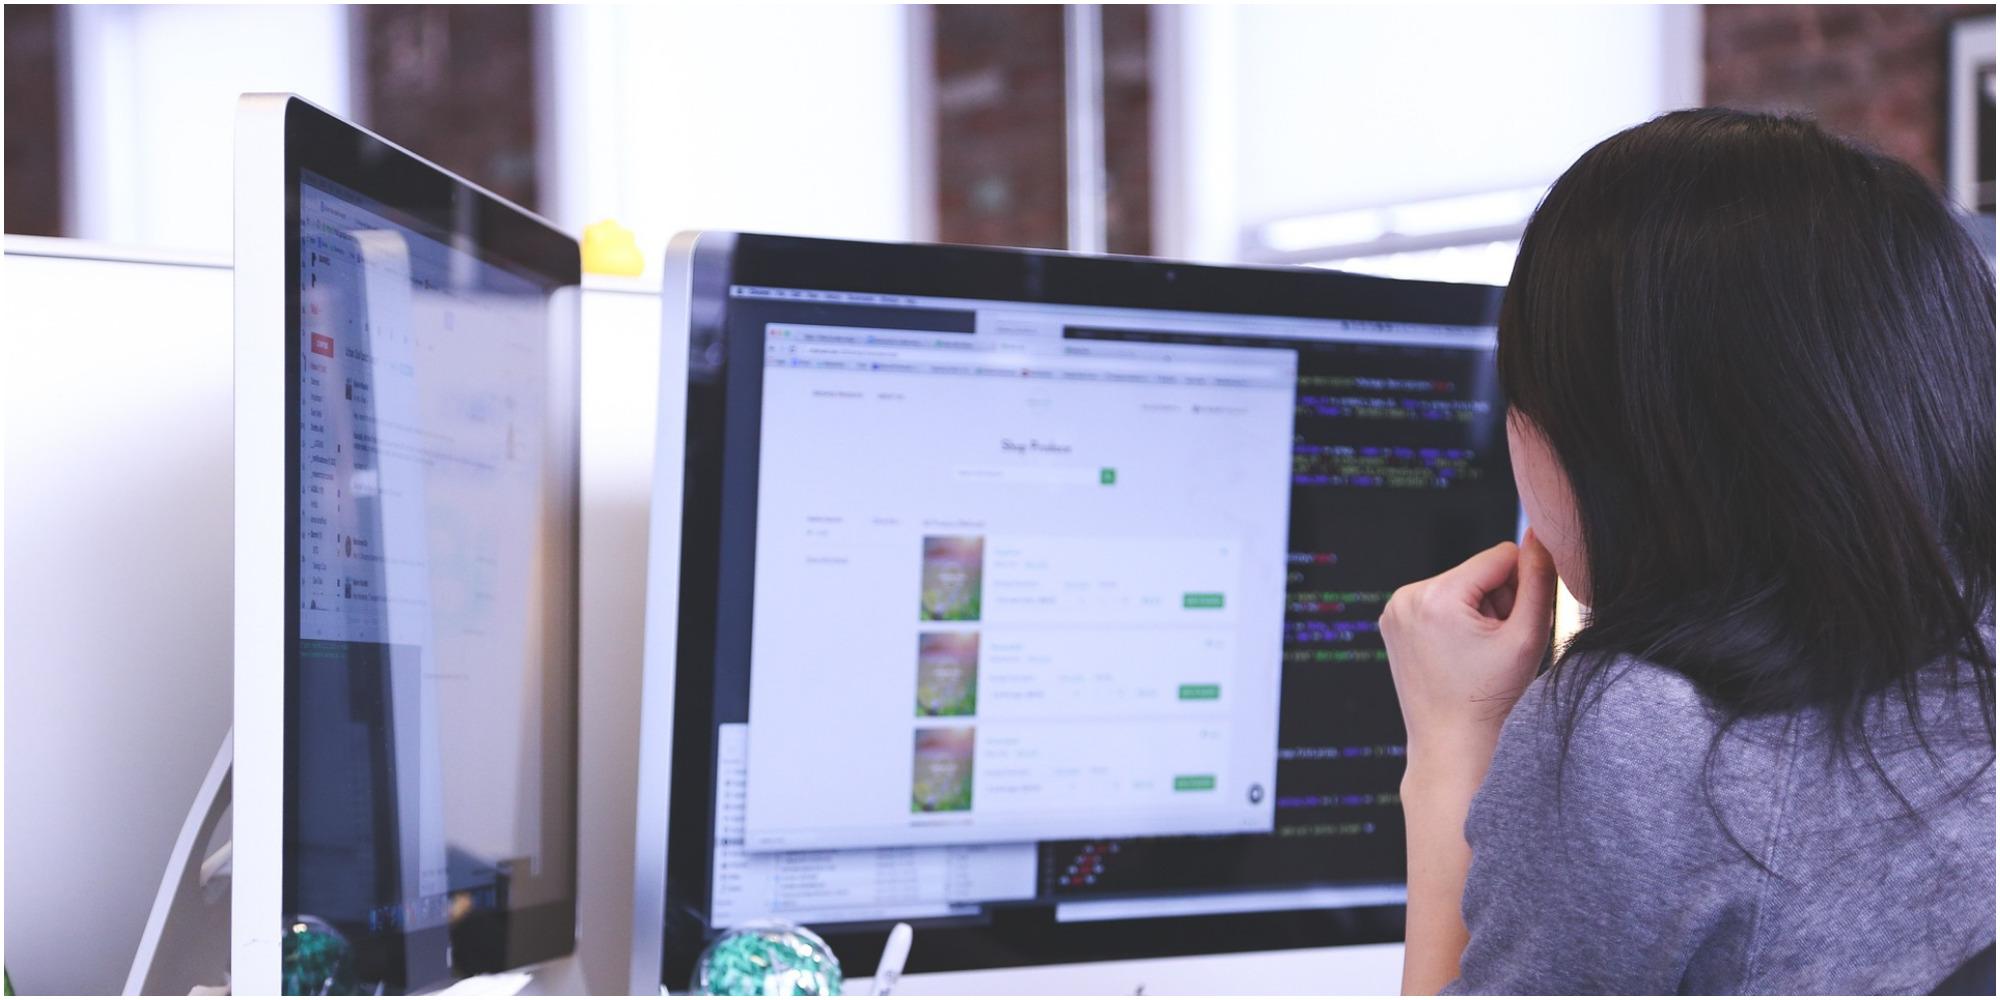 Želite posao tokom IT studija? Saznajte da li je to moguće!